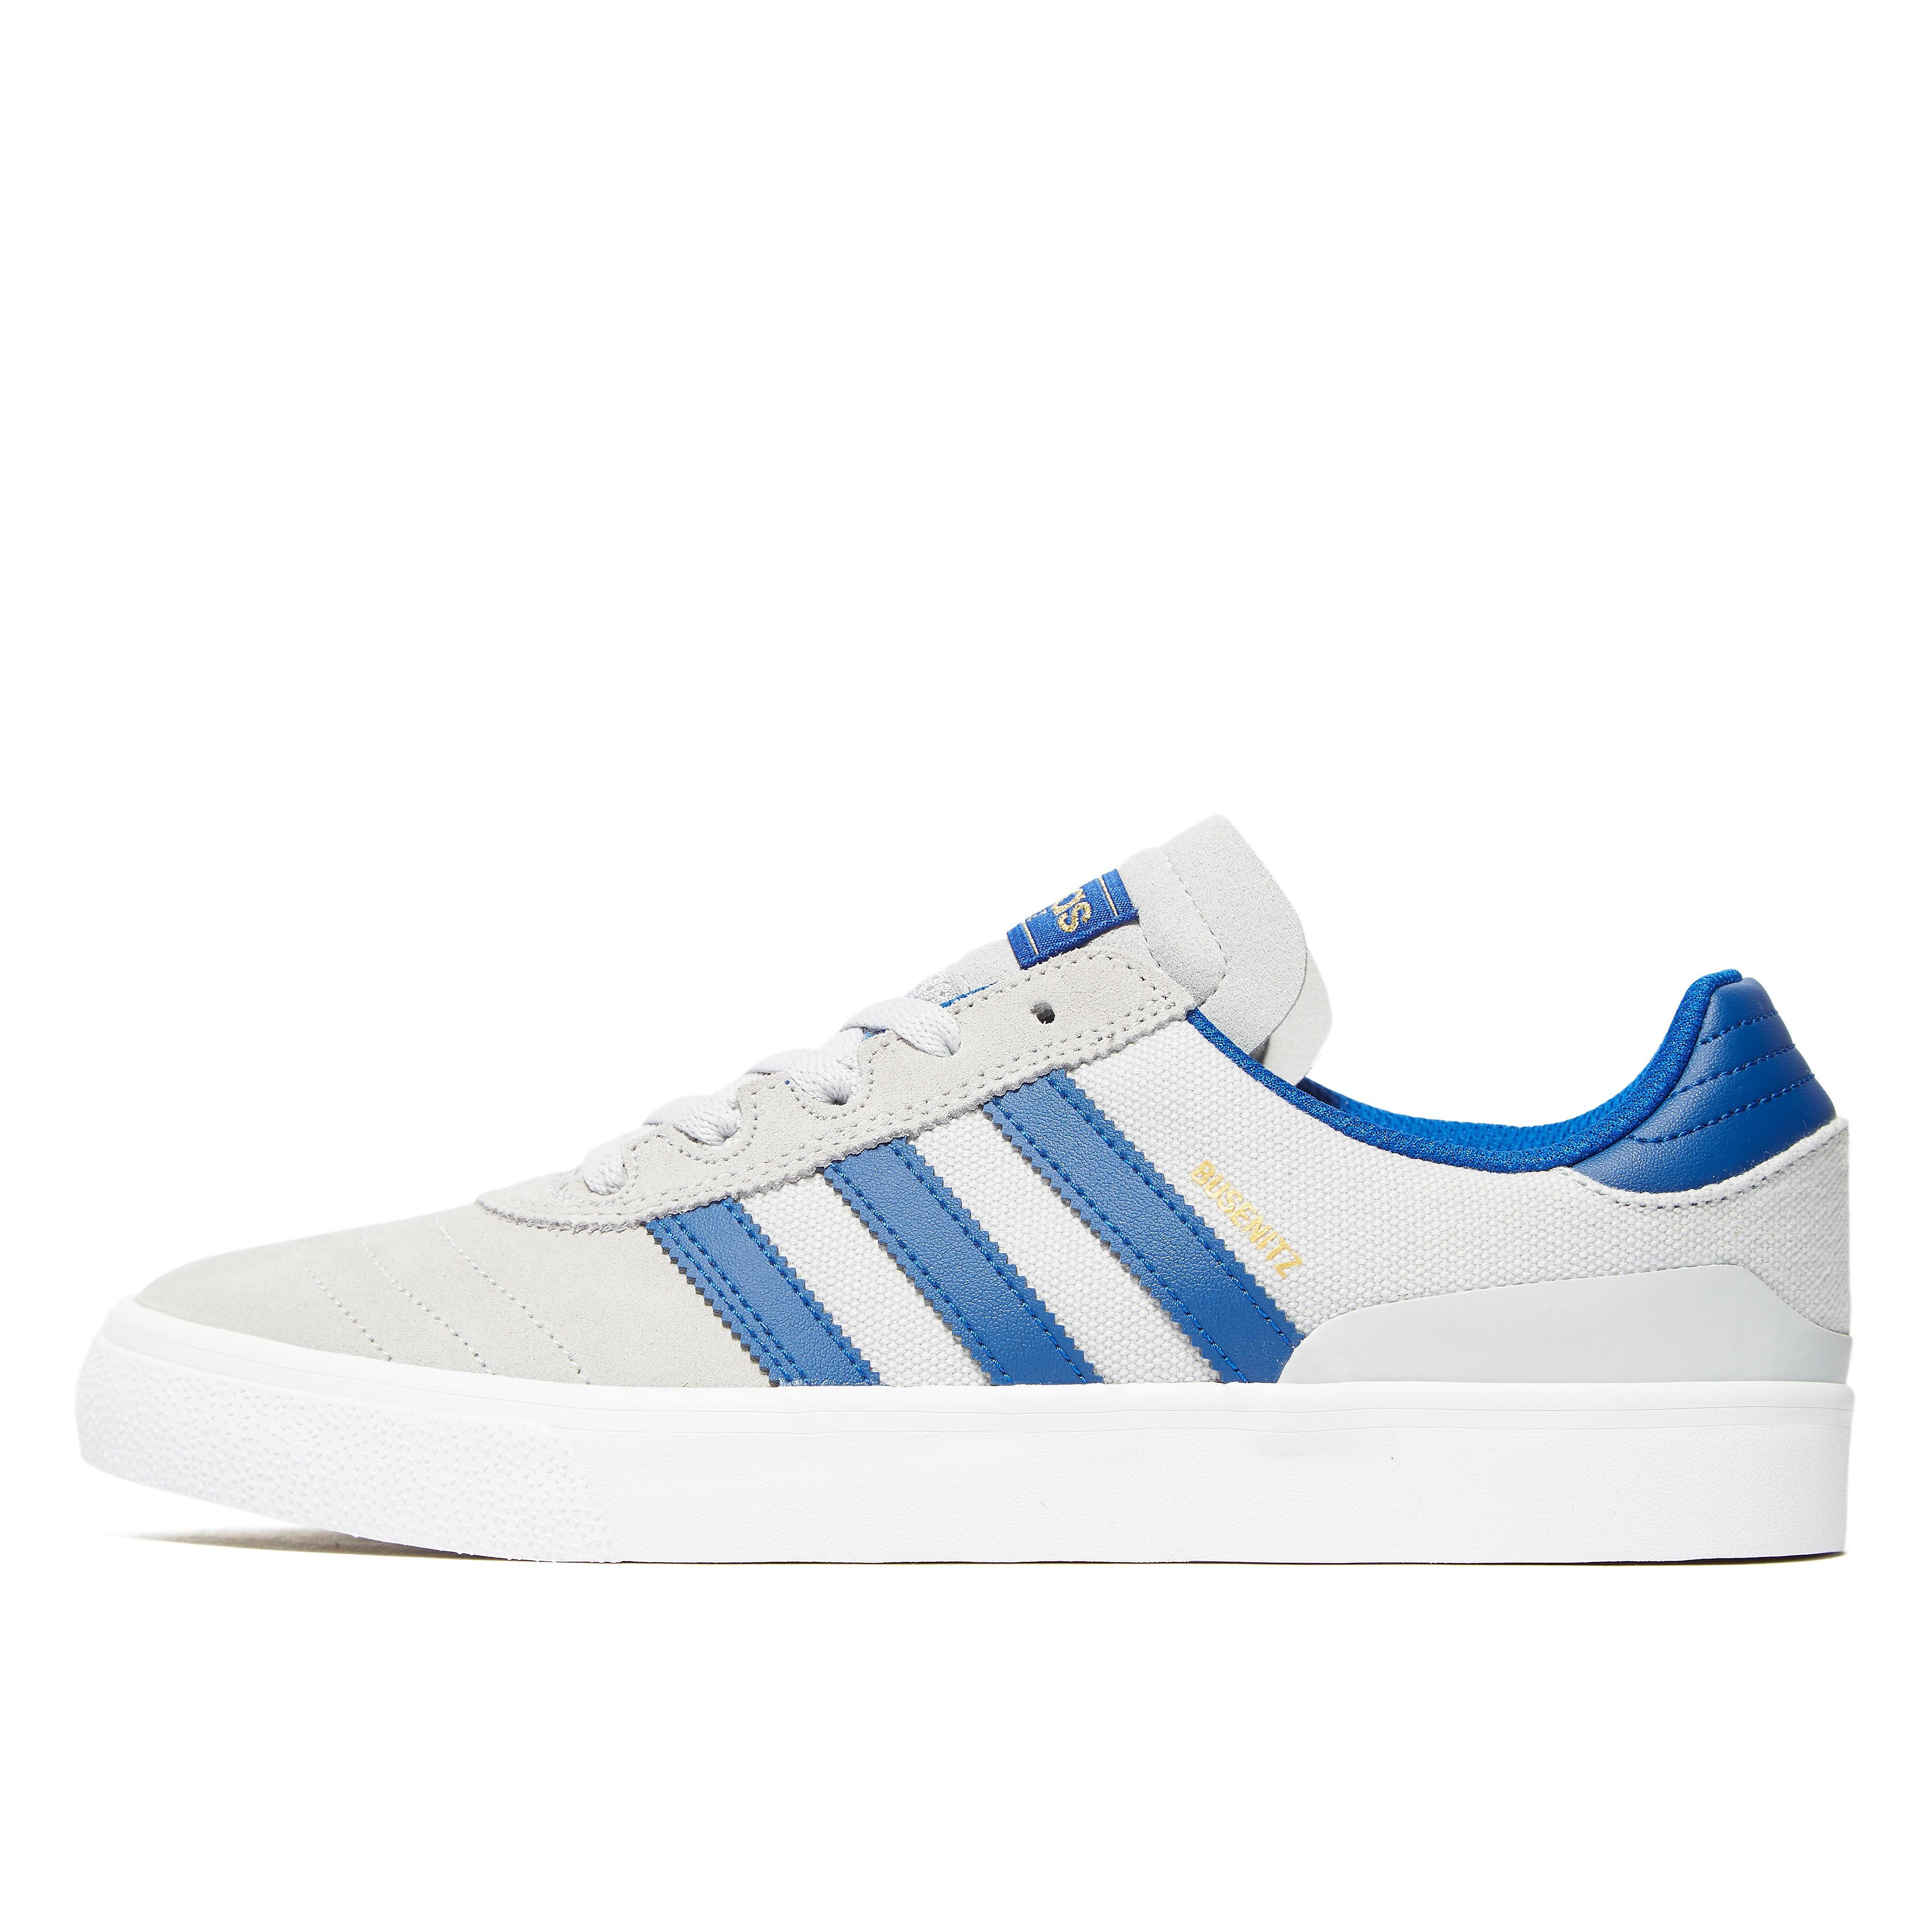 adidas Originals Busenitz Vulc Grau-Blau